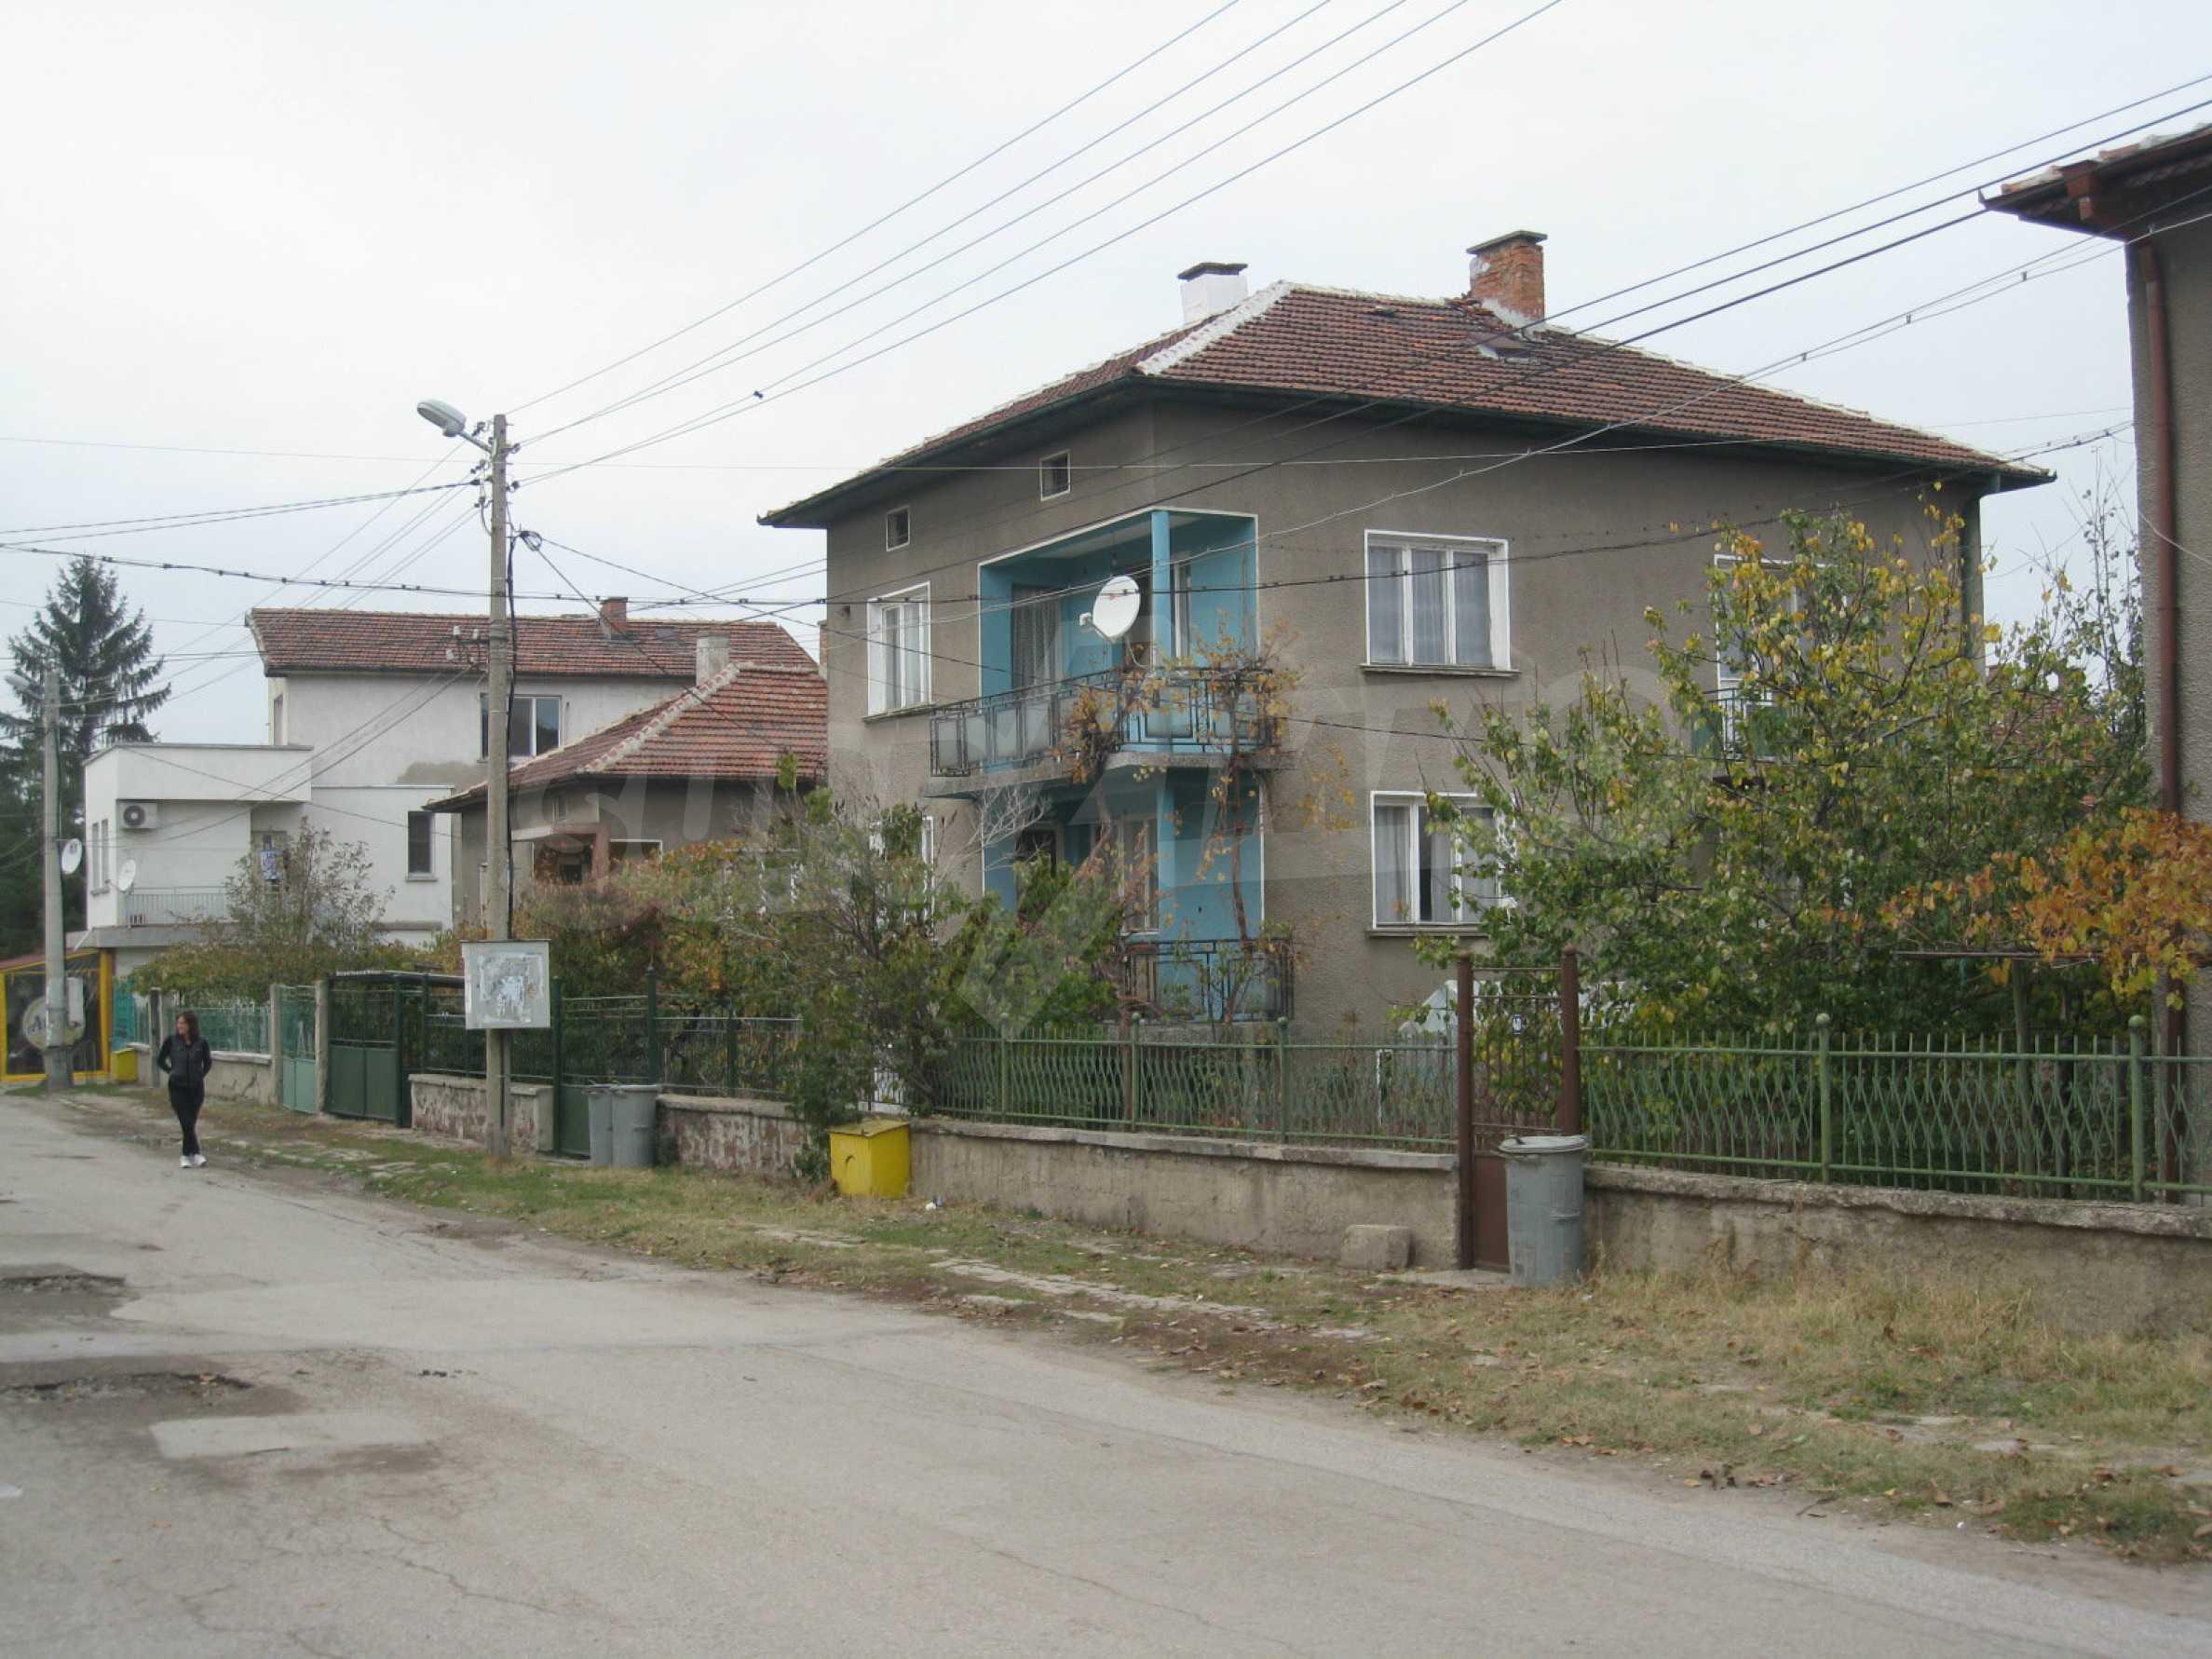 Großes zweistöckiges Haus mit Hof in einem Dorf in der Nähe von Sofia 69